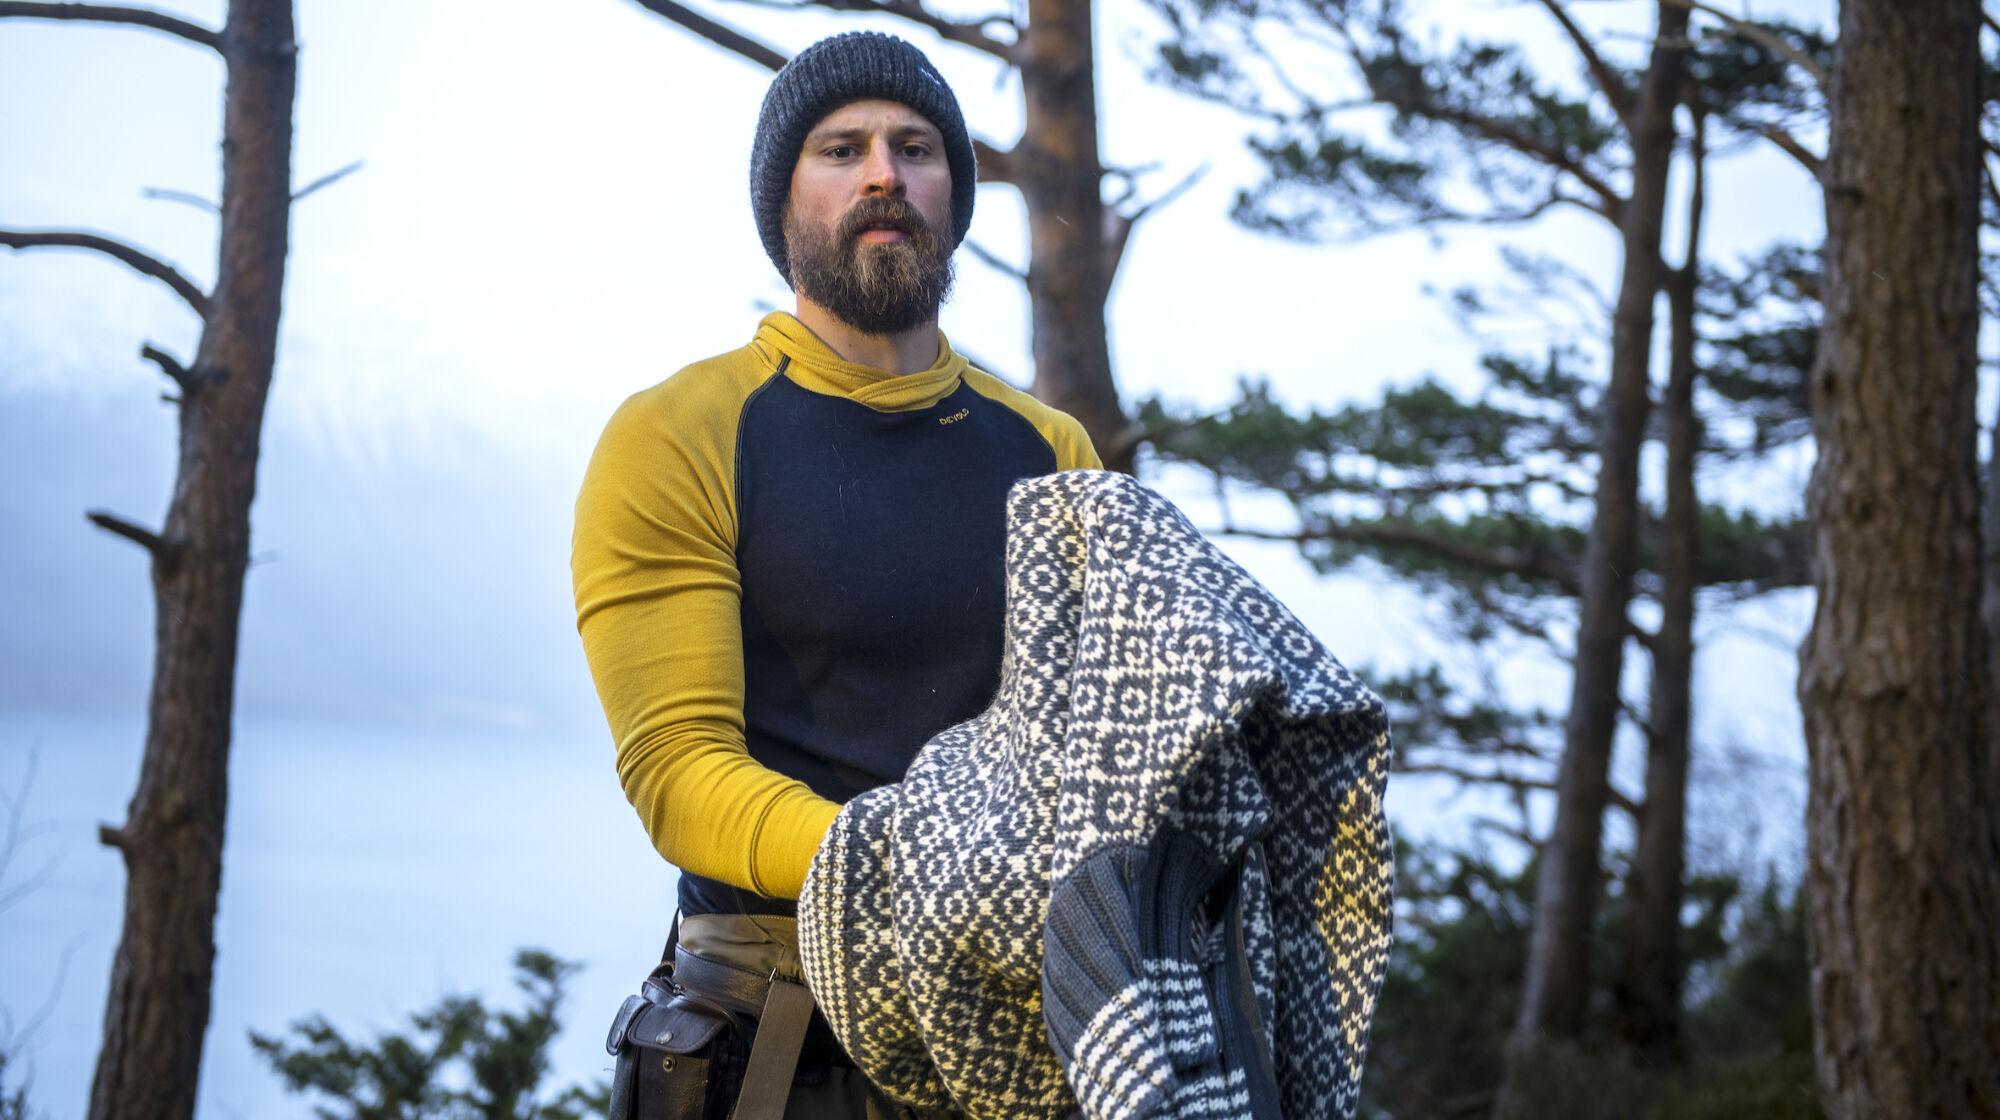 Kollektion Expedition von DEVOLD of Norway